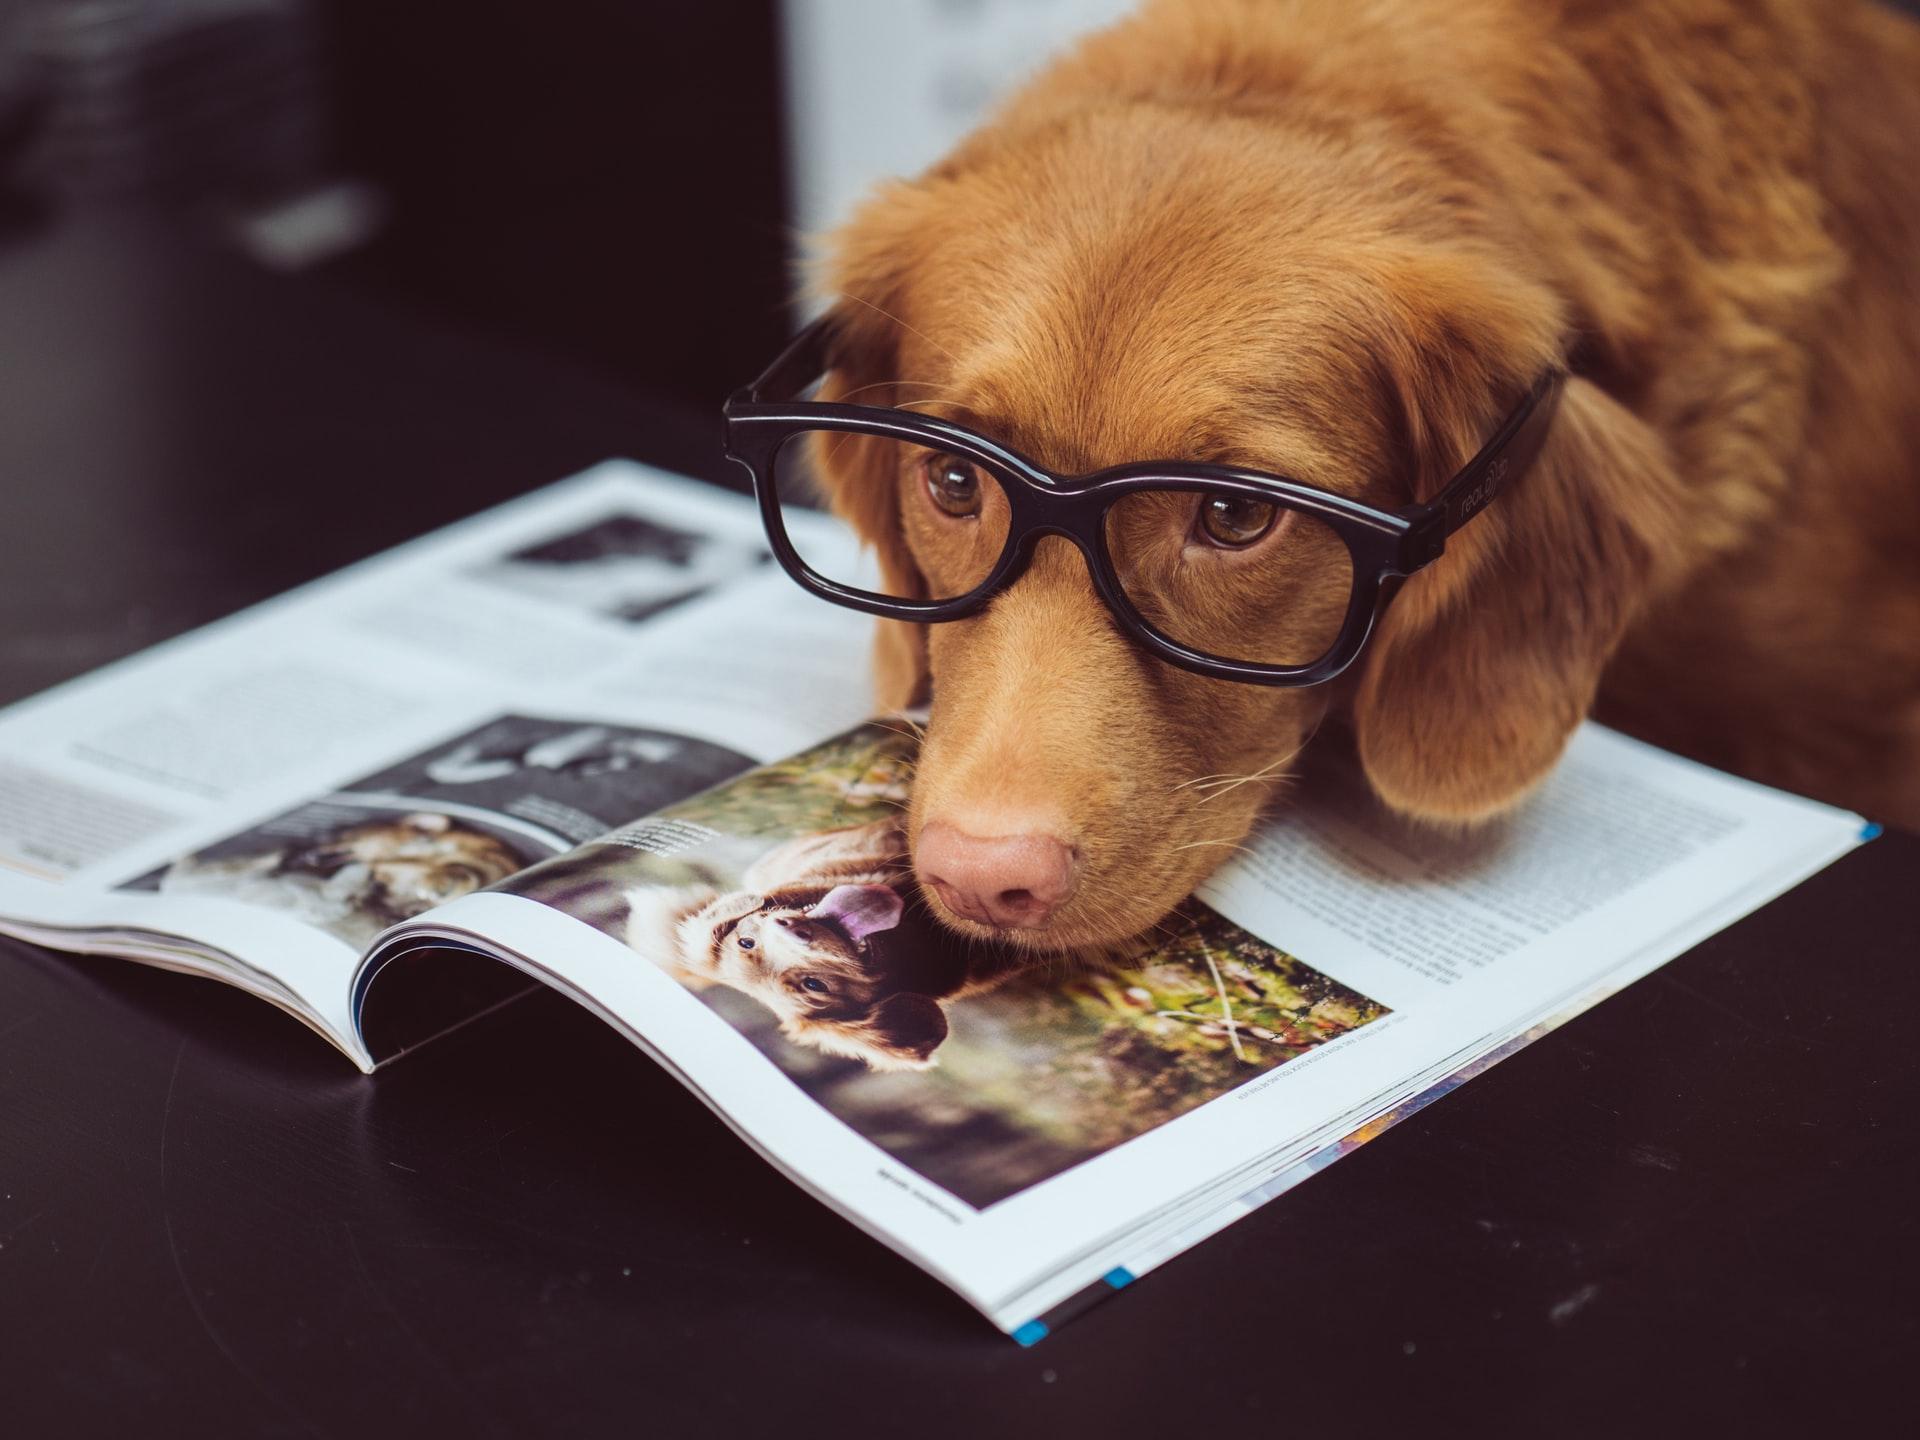 分析する犬